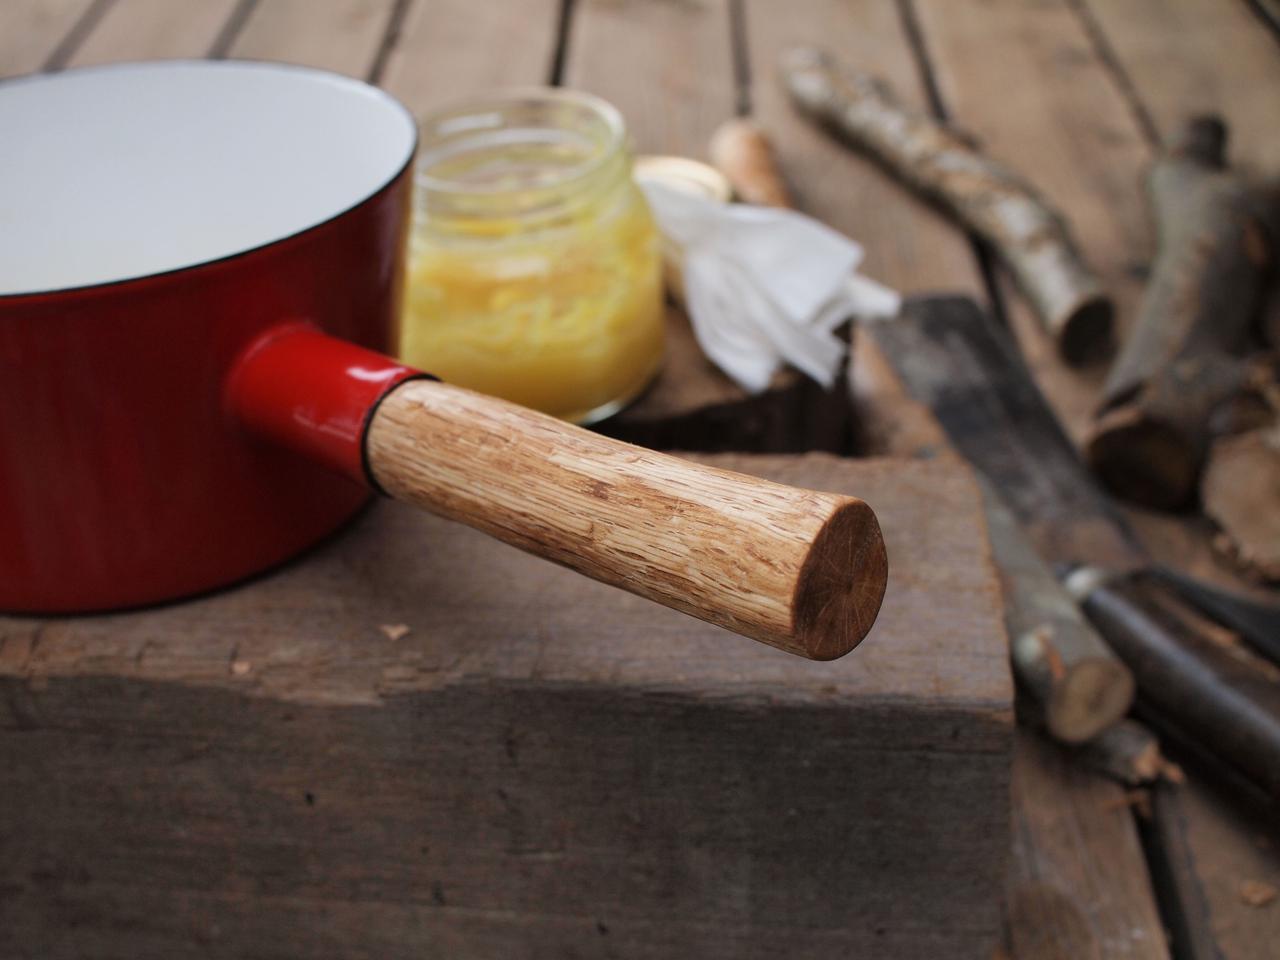 画像: 切って、削って、つくった夫お手製。自分たちで修理すれば、好みの長さにできるし、手によくなじむ